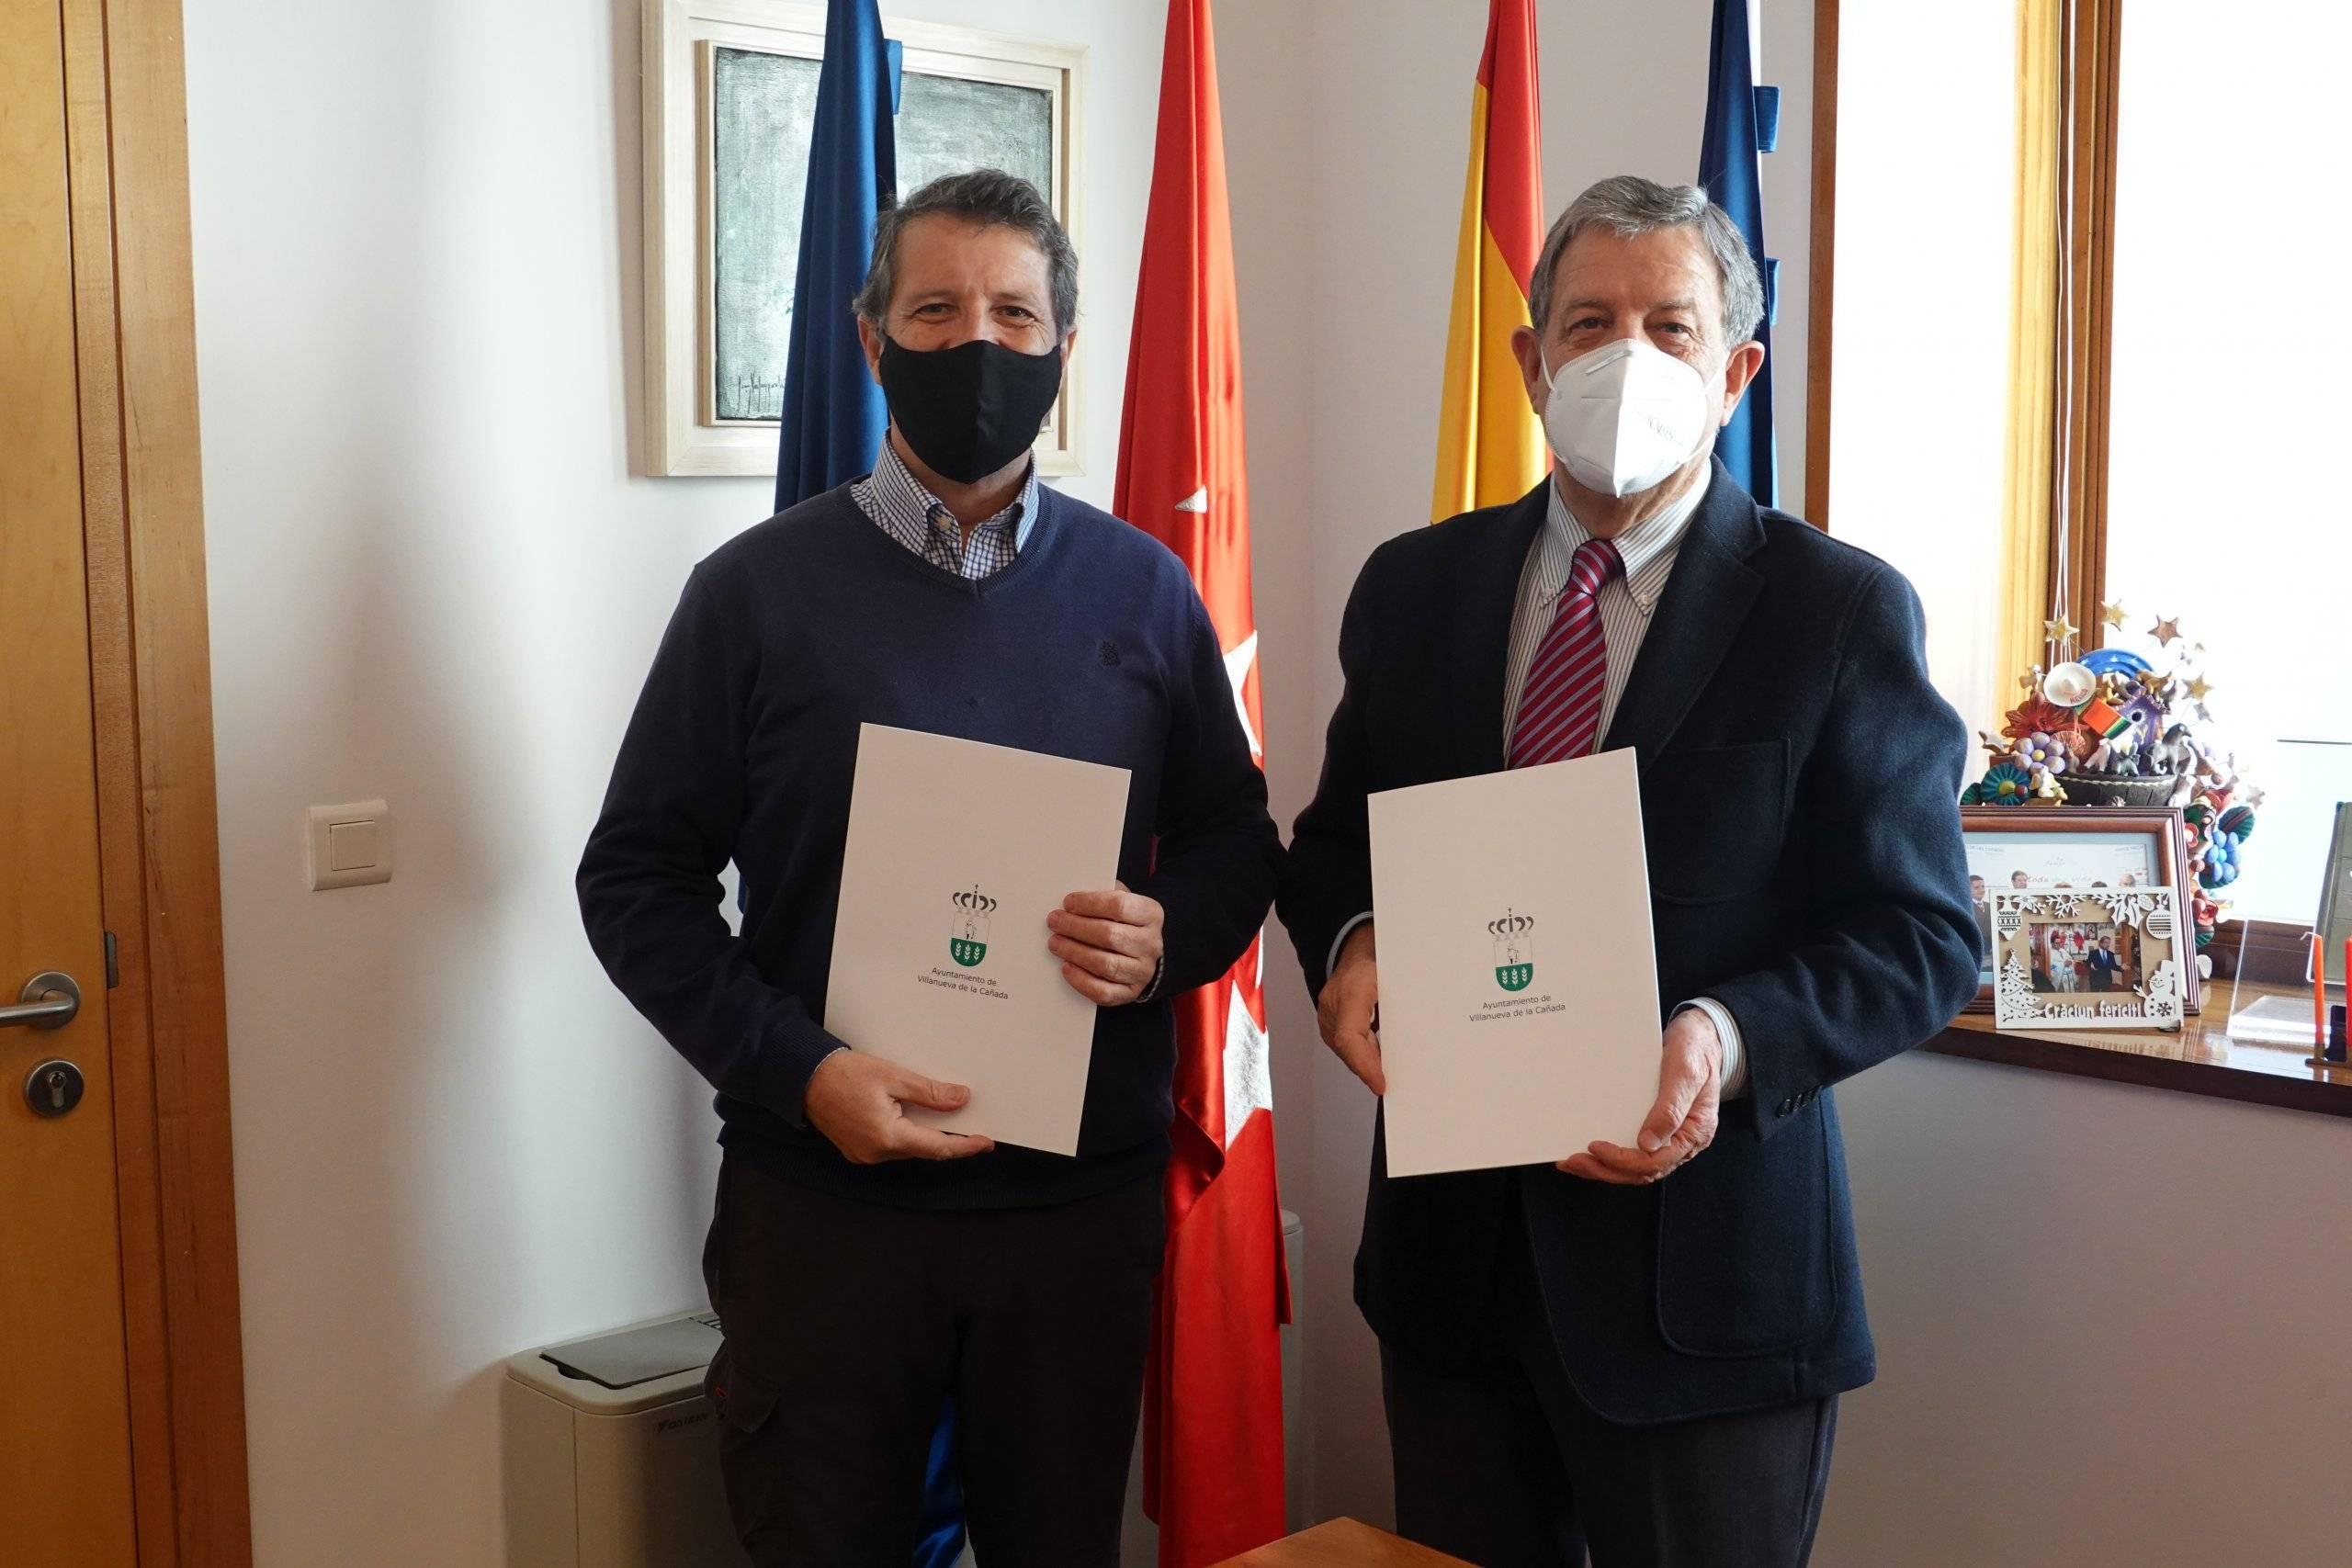 El alcalde, Luis Partida, con el director general de la Fundación Educación y Libertad, Ángel Mel.